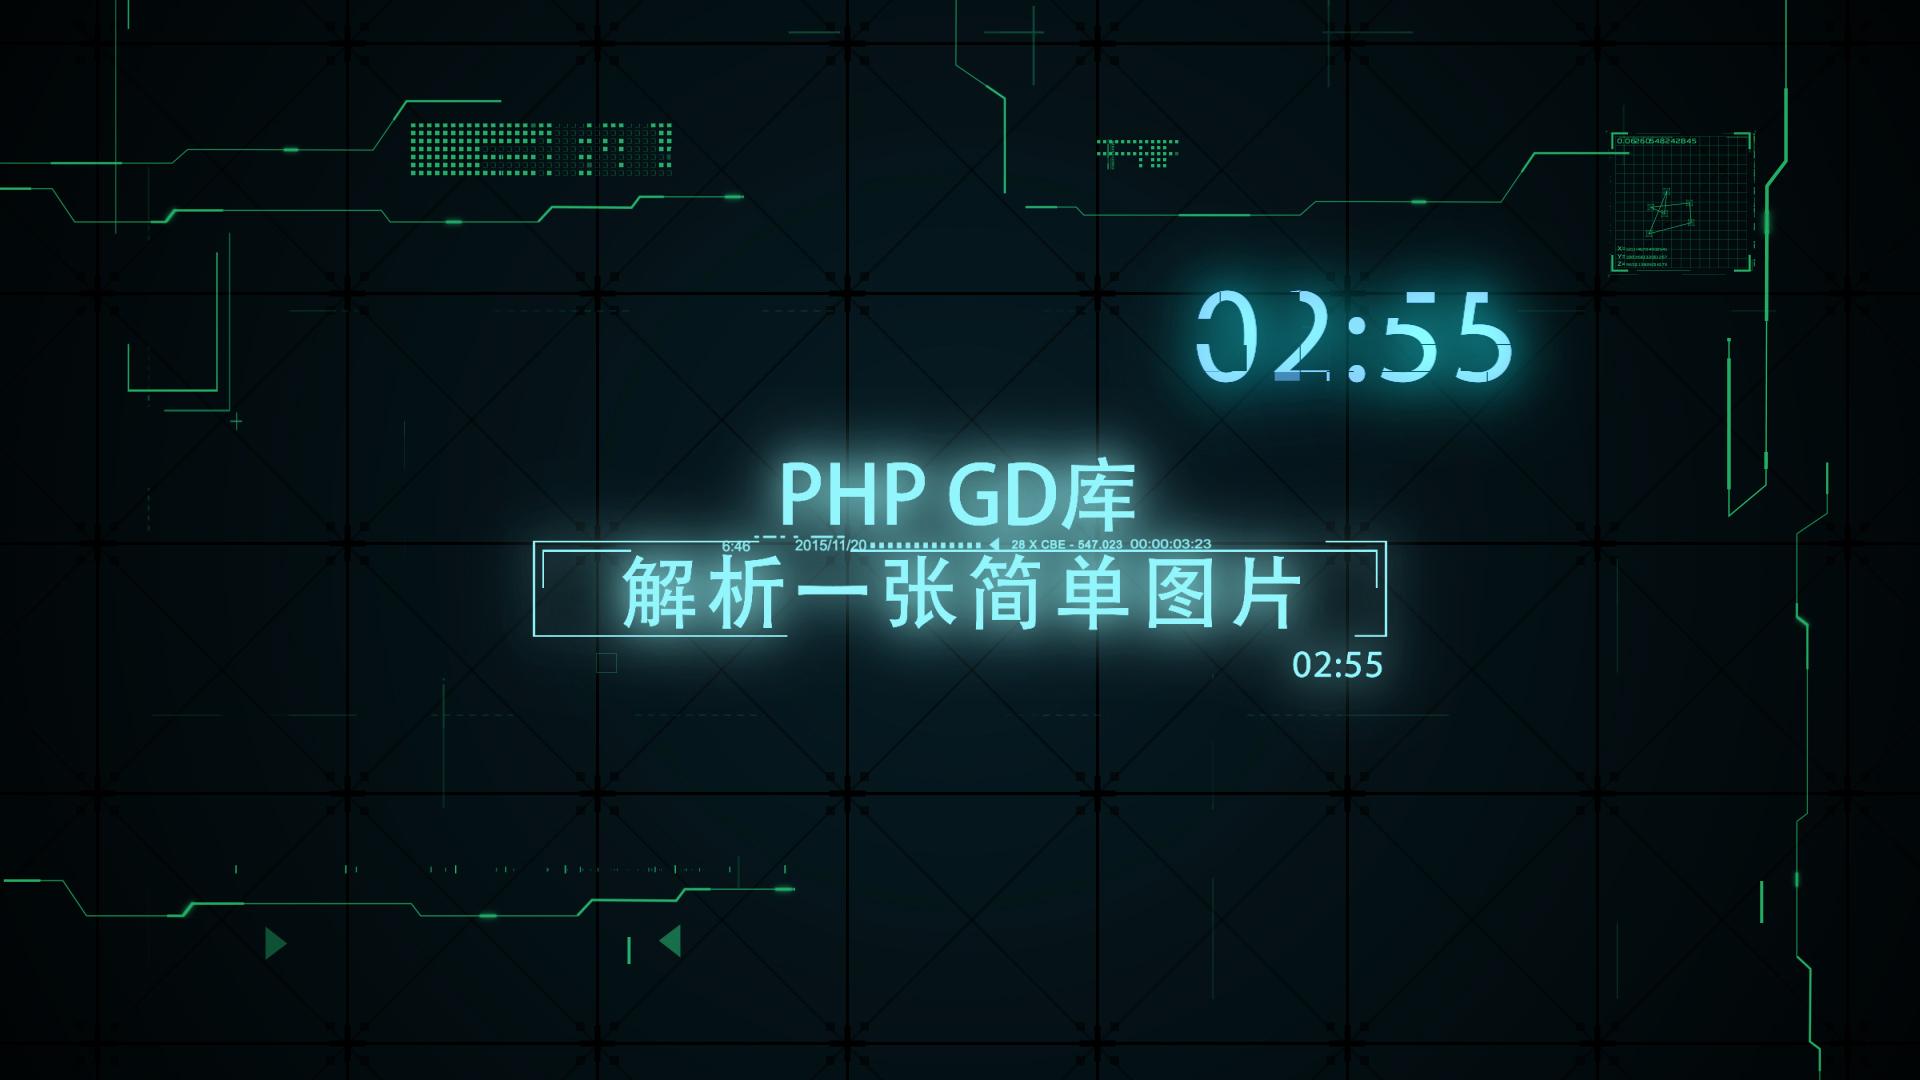 PHP GD库解析一张简单图片并输出